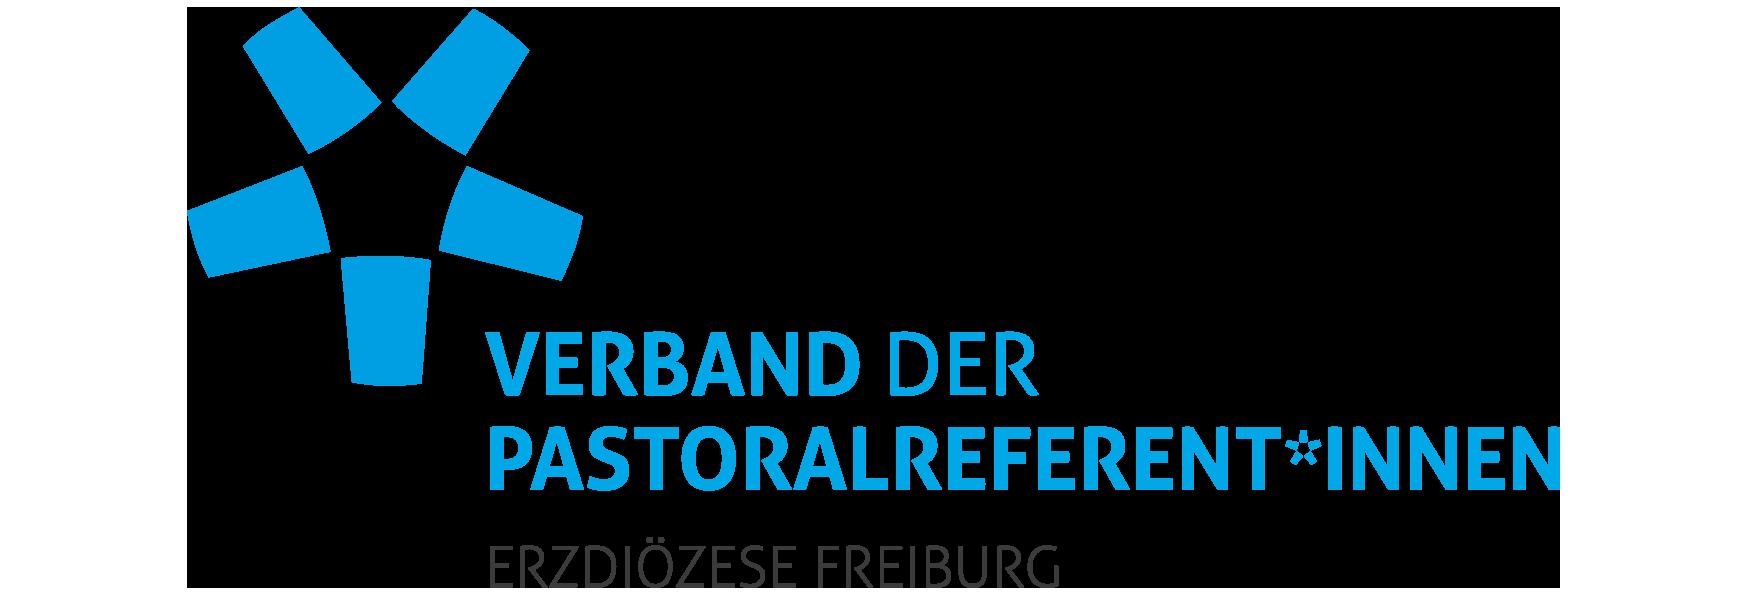 Verband der Pastoralreferent*innen Erzdiözese Freiburg